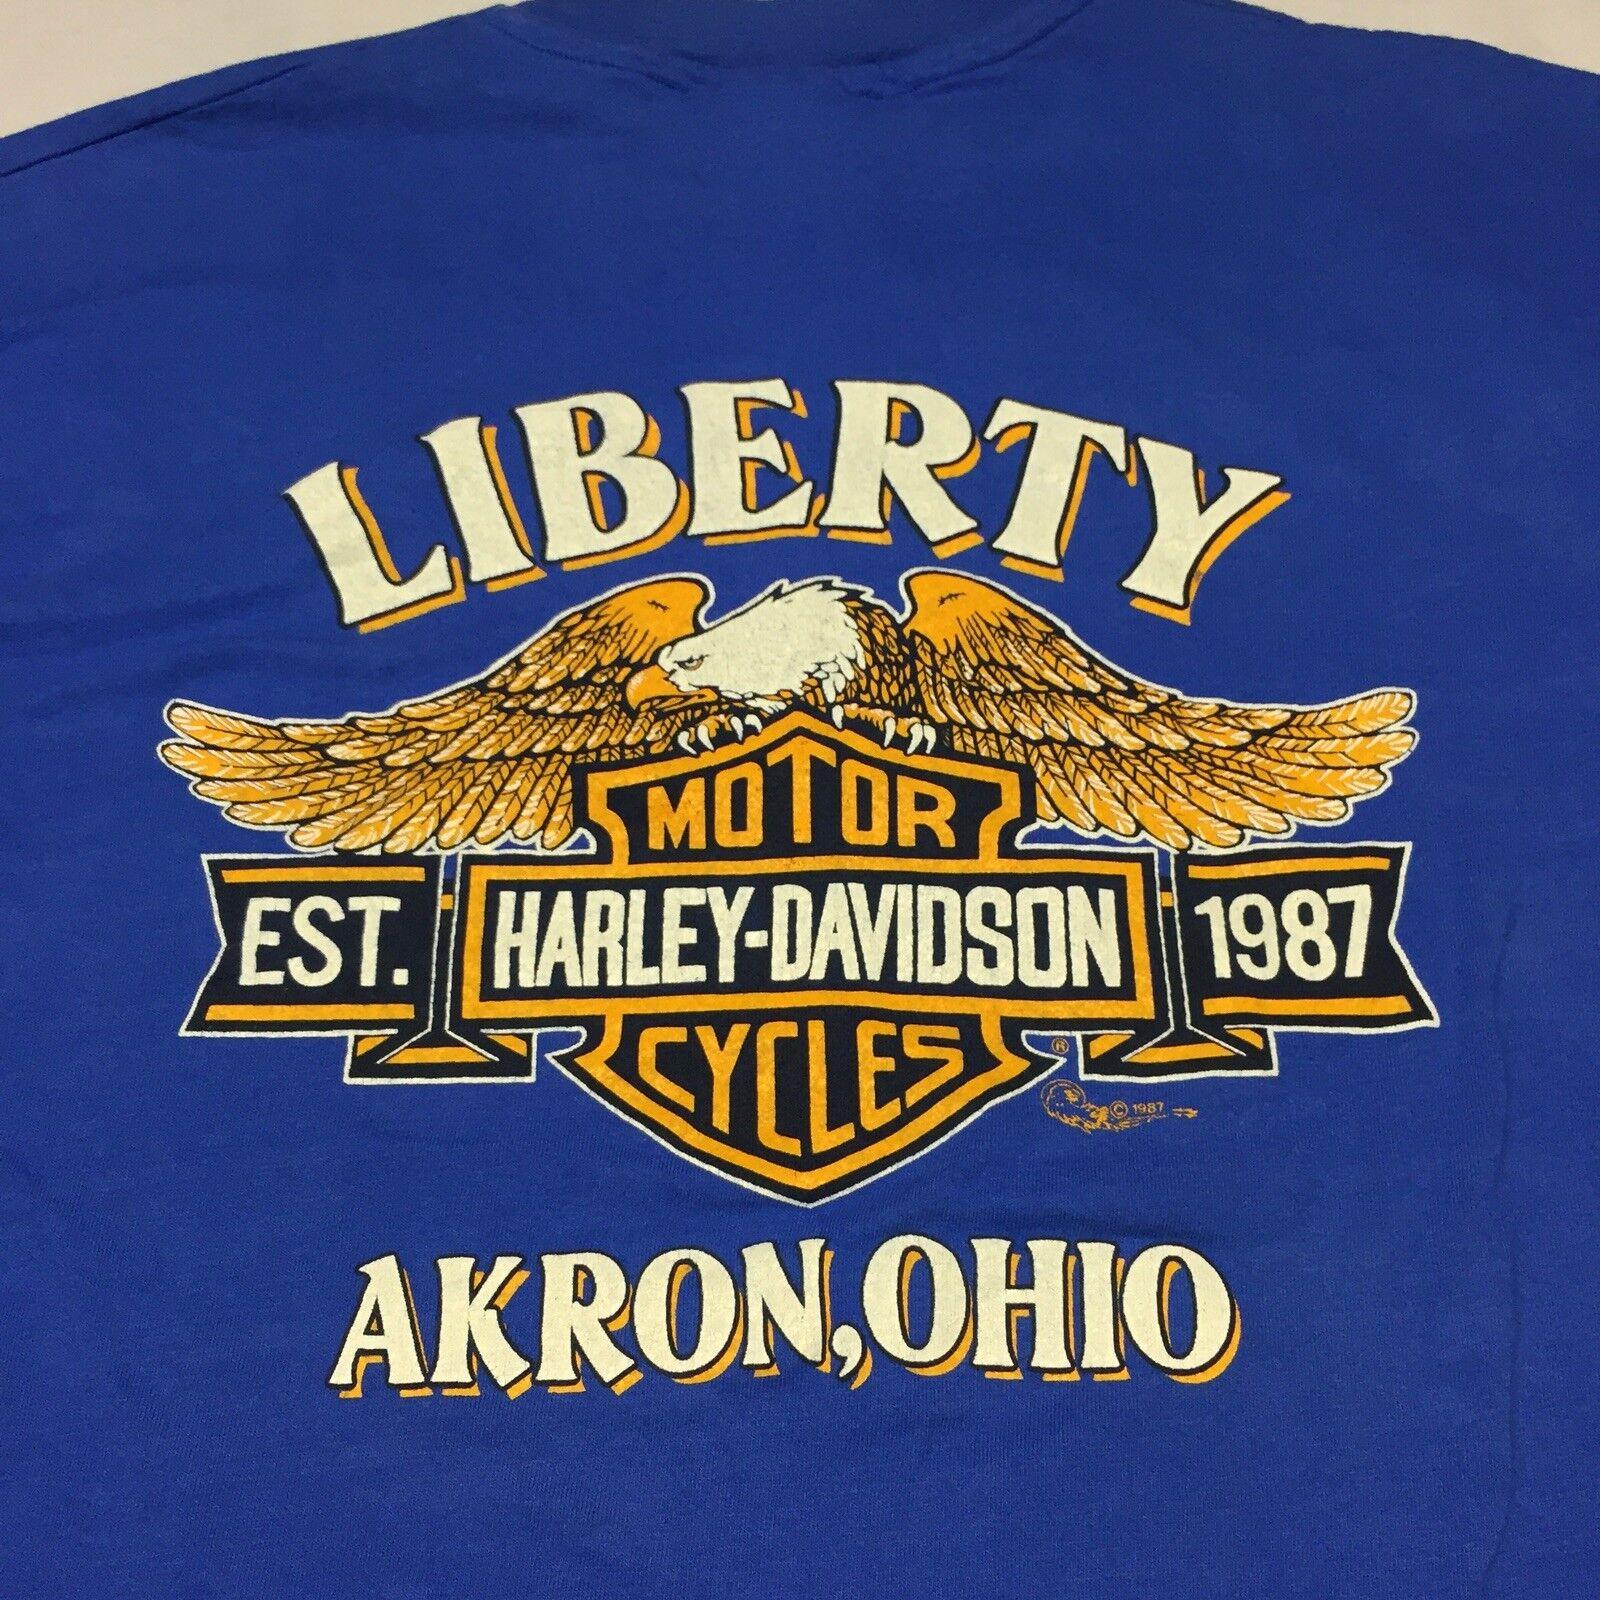 Vintage Harley Davidson Biker XL T-shirt Motorcycle Biker Davidson Soft Eagle 2-Sided motor USA 93d03d